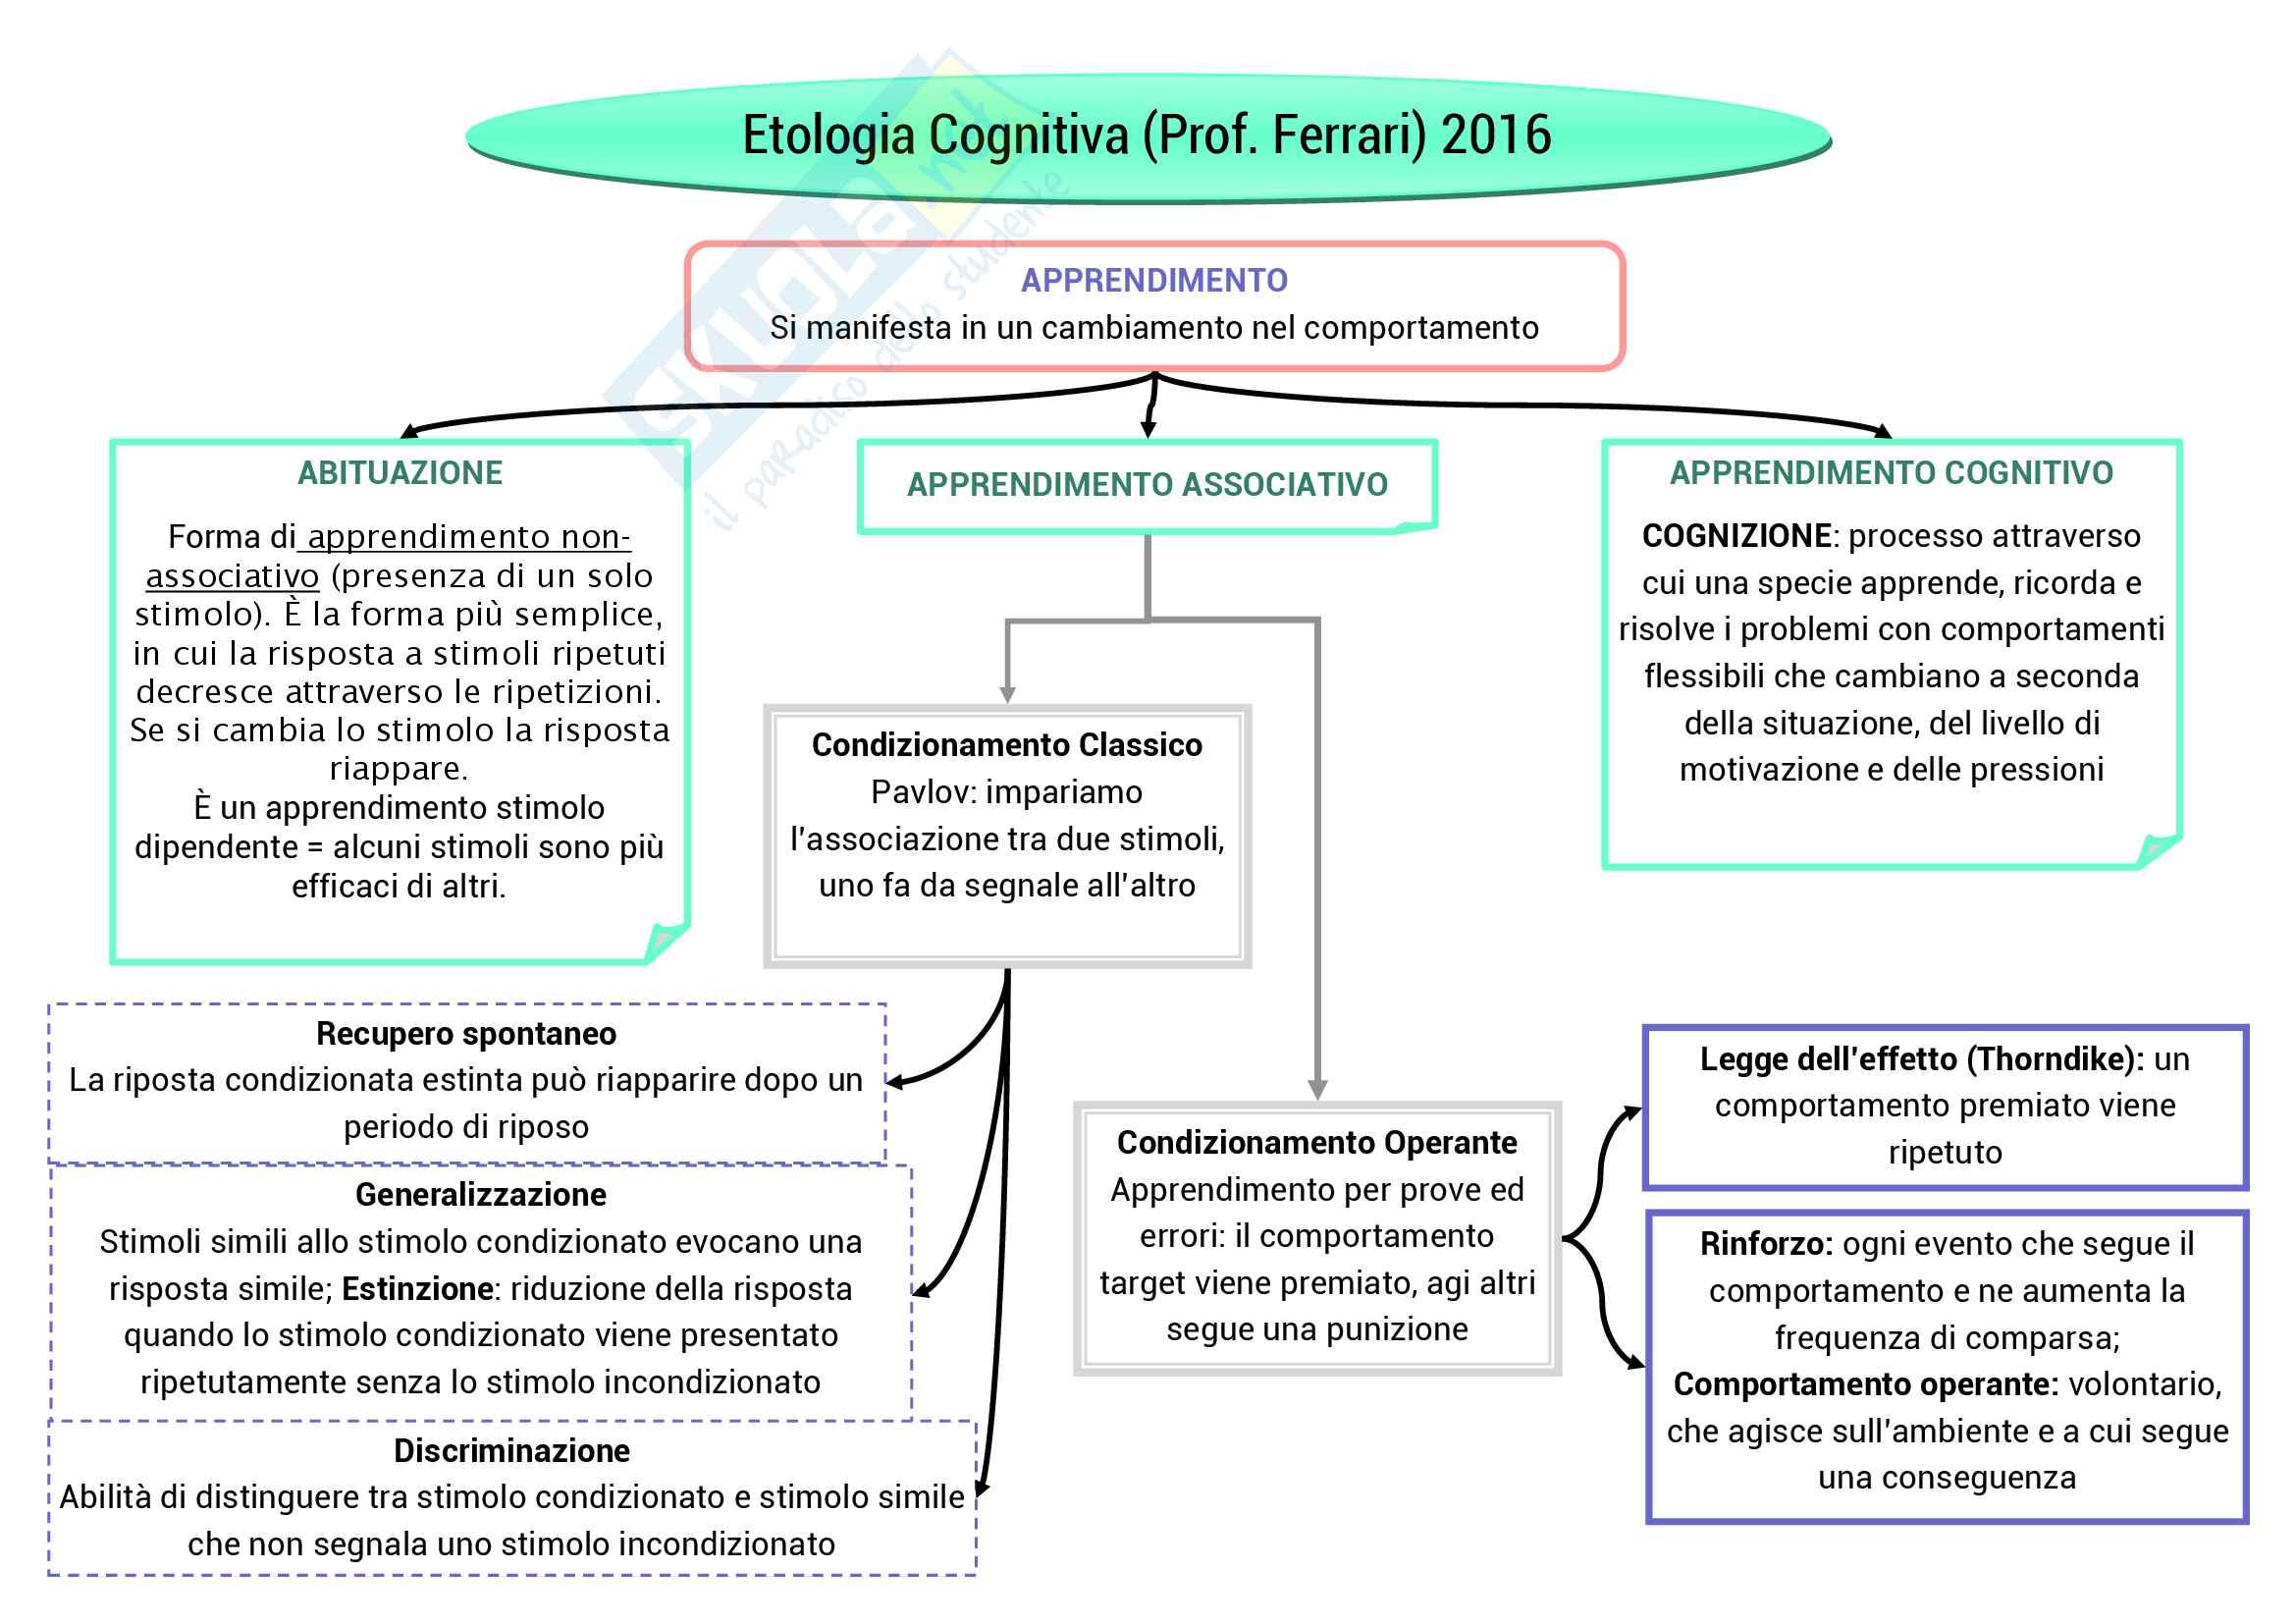 Etologia Cognitiva